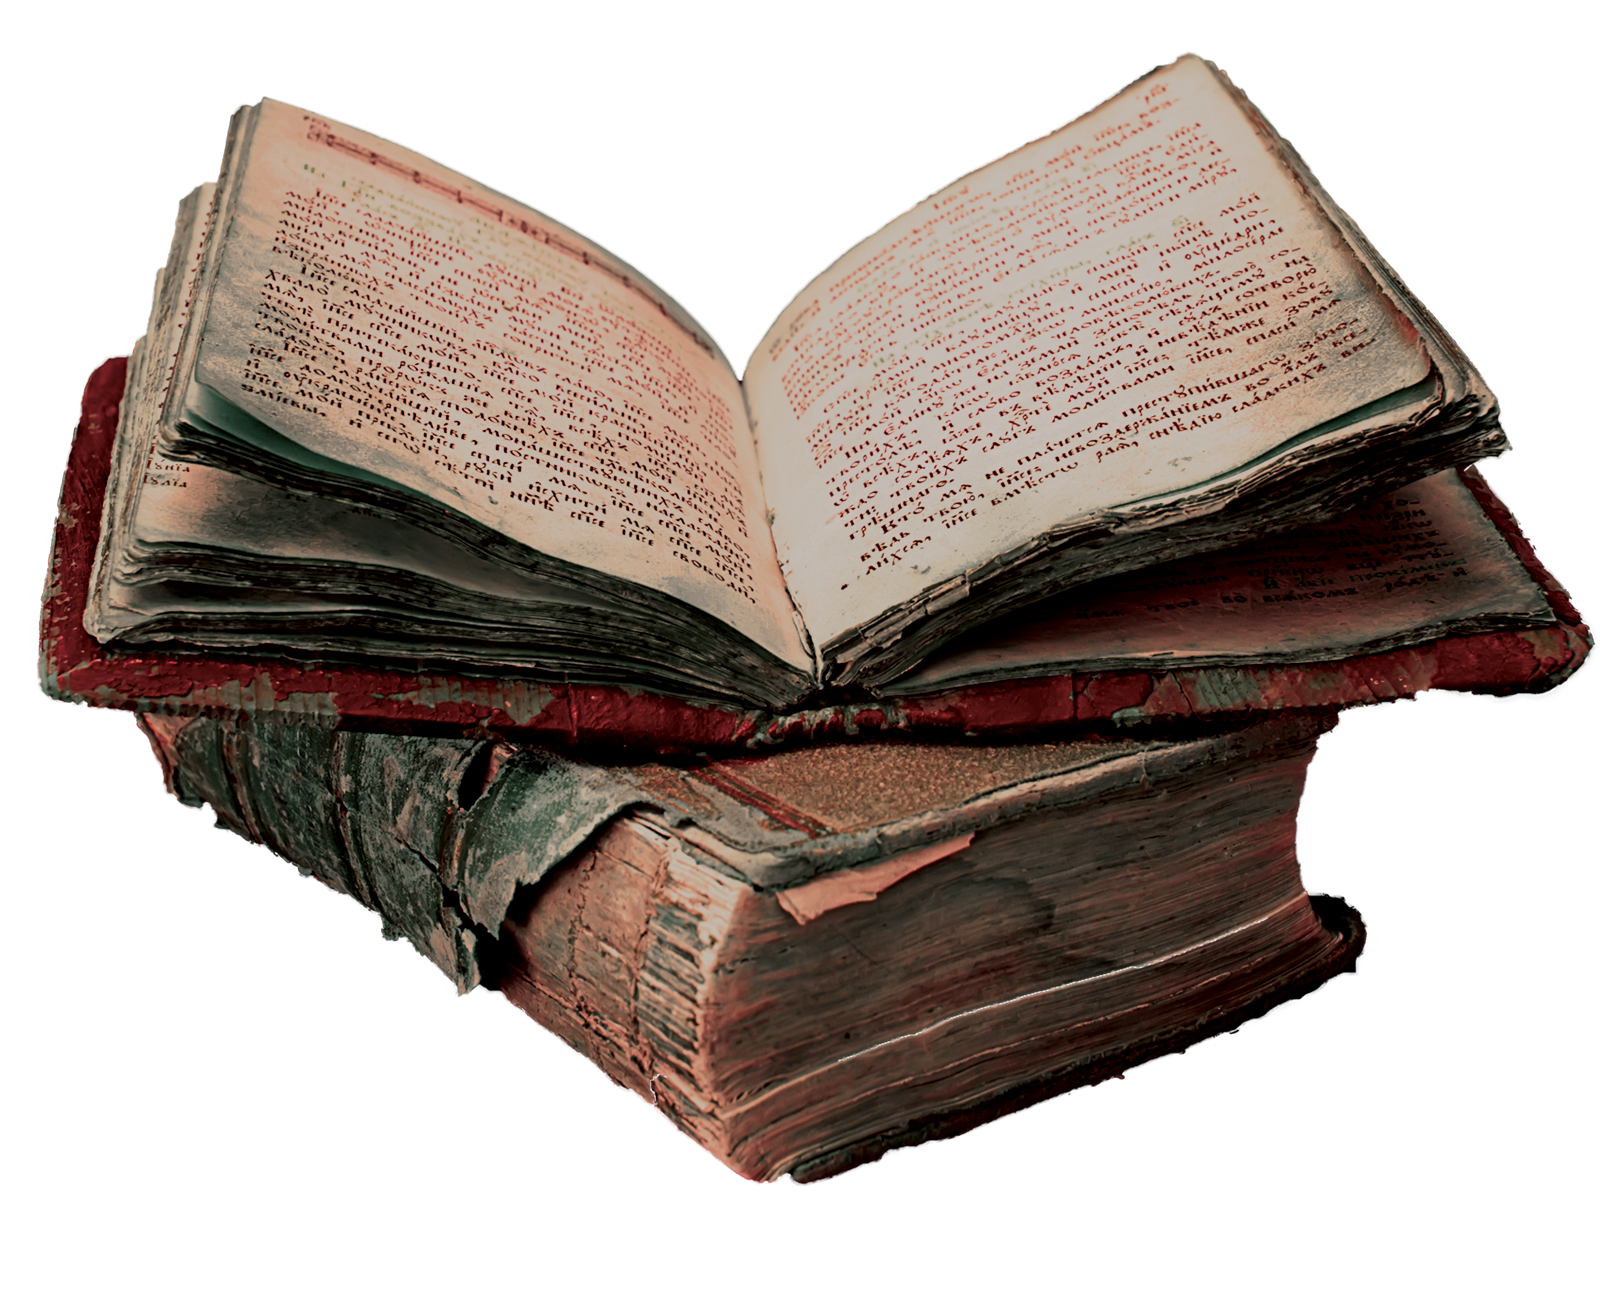 кровельный волшебные книги картинки на прозрачном фоне очень меткие фразы